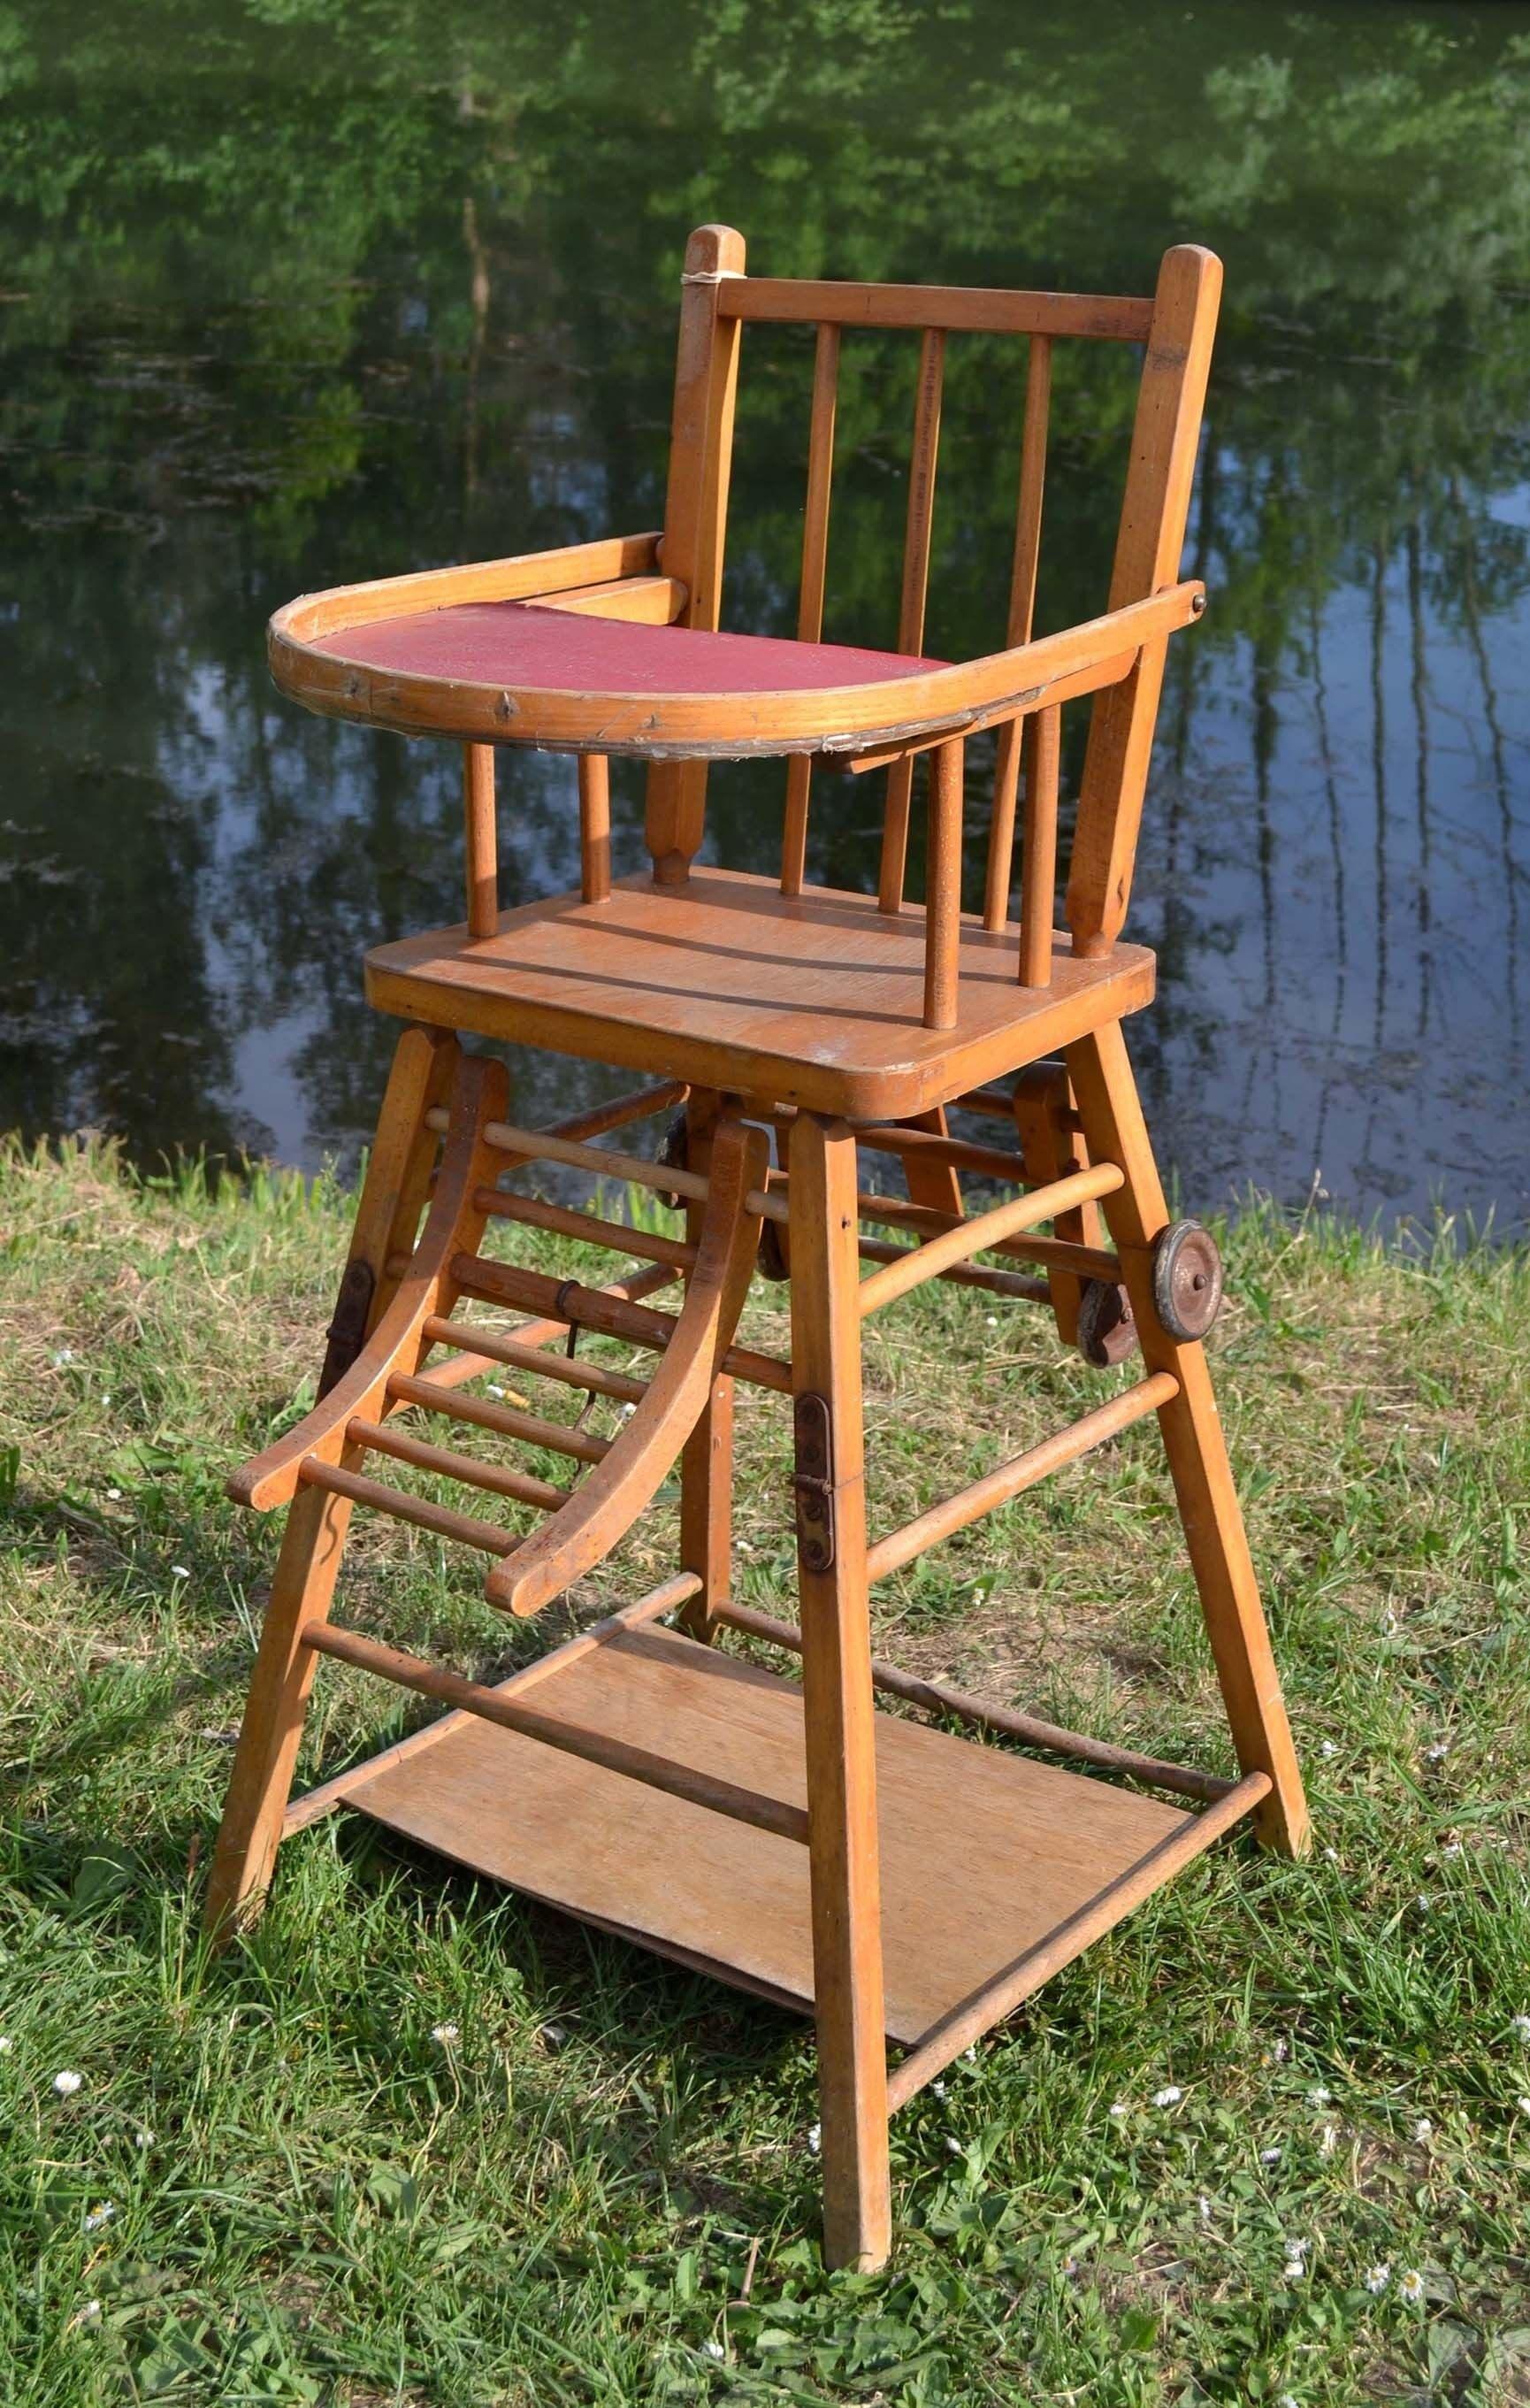 Lit Bébé Pliable Meilleur De attrayant Chaise Bébé Design Ou Chambre Bébé Mickey Chaise Haute